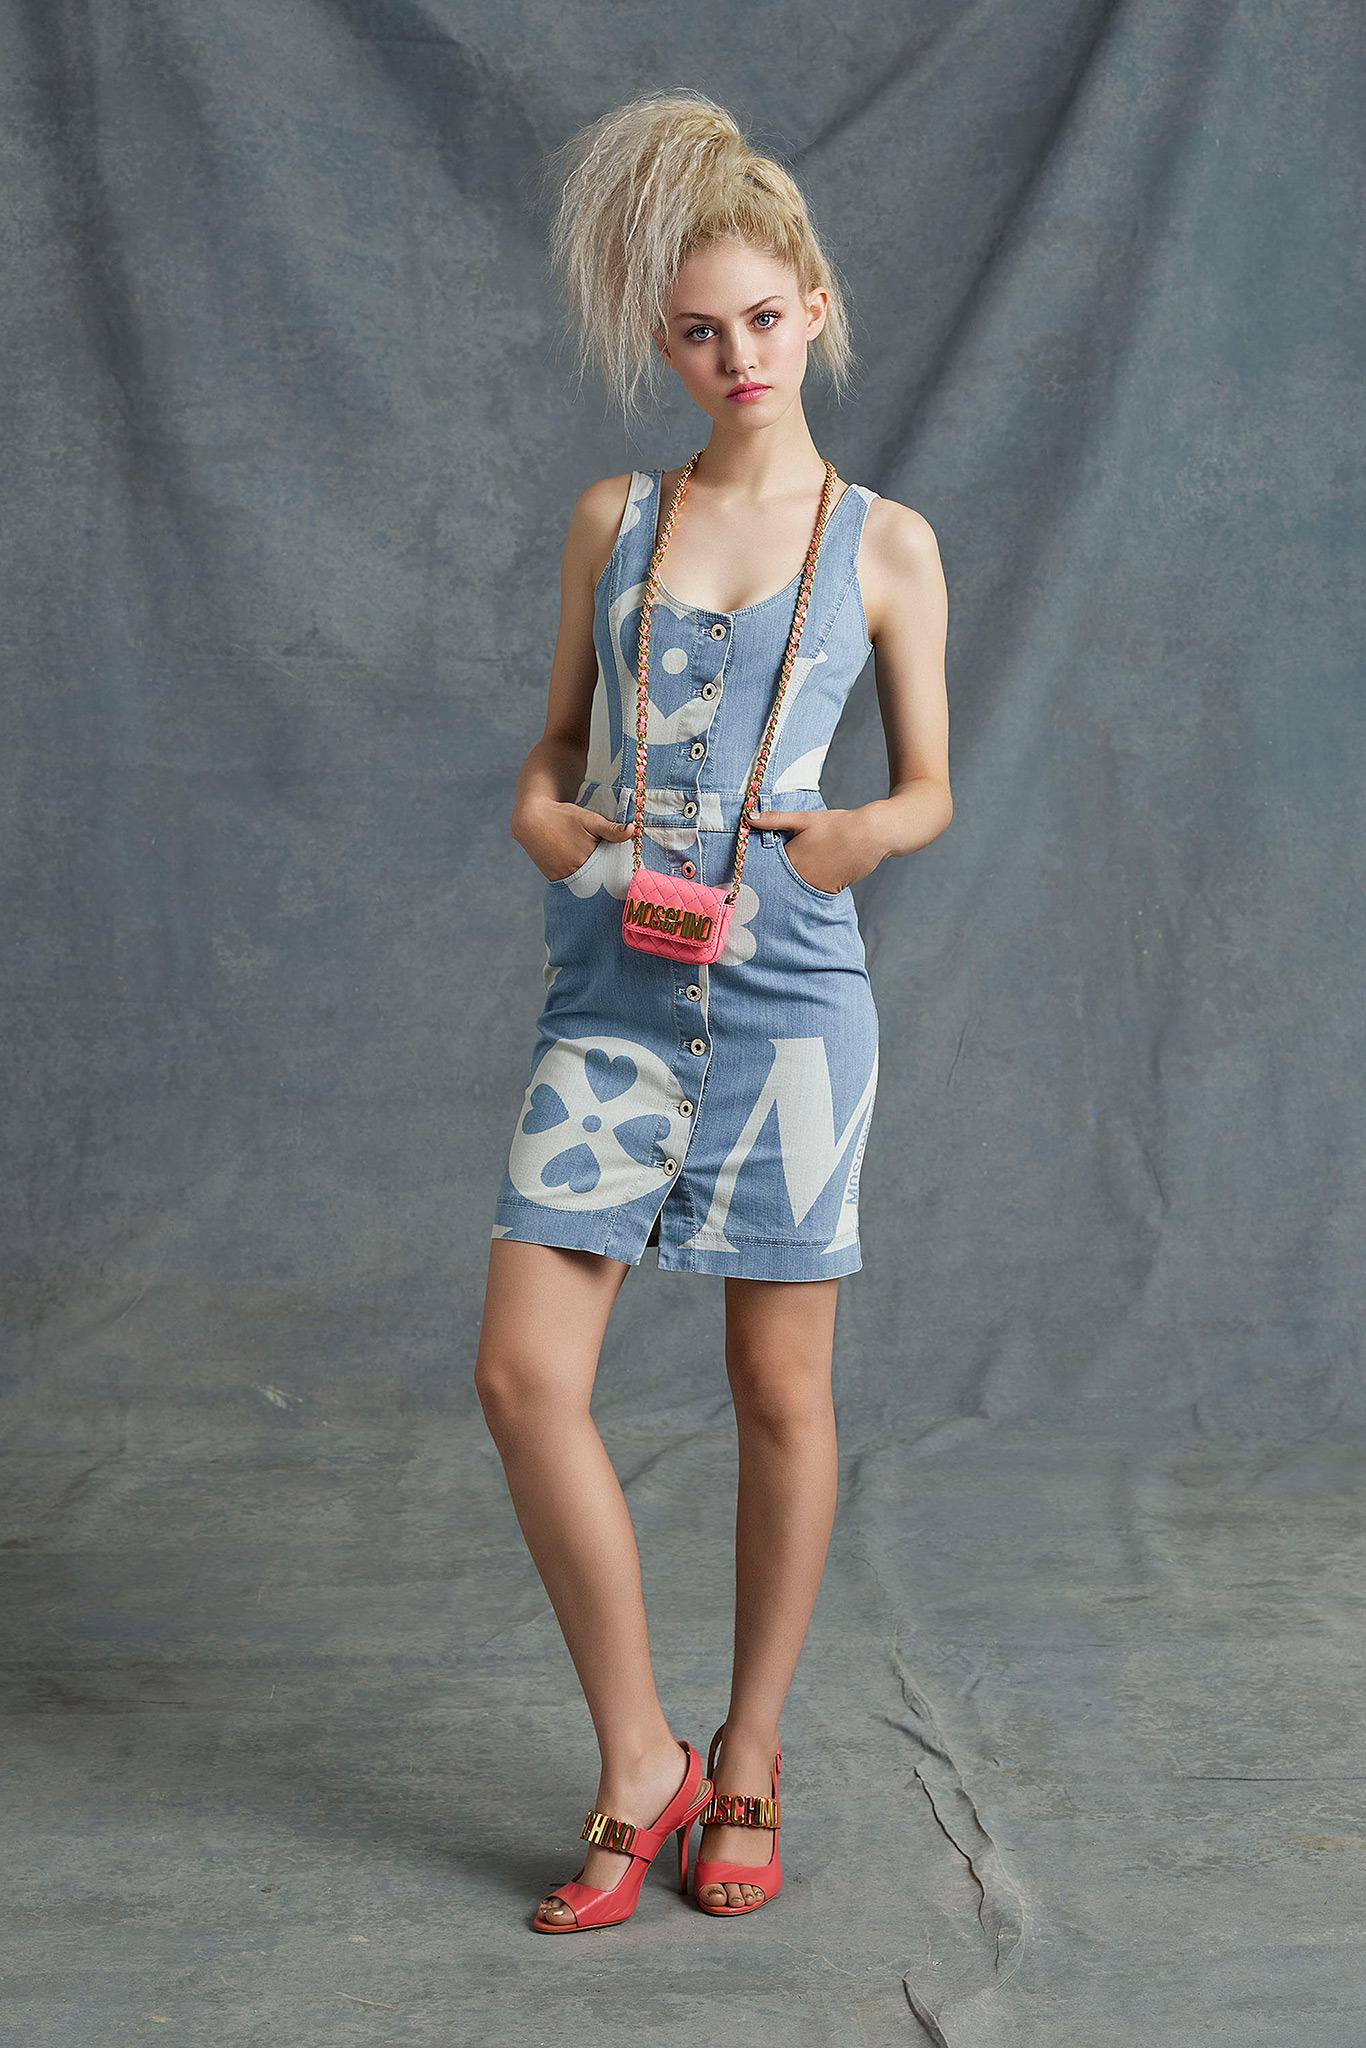 Moschino - Desfile Resort  2015 imagem: style.com